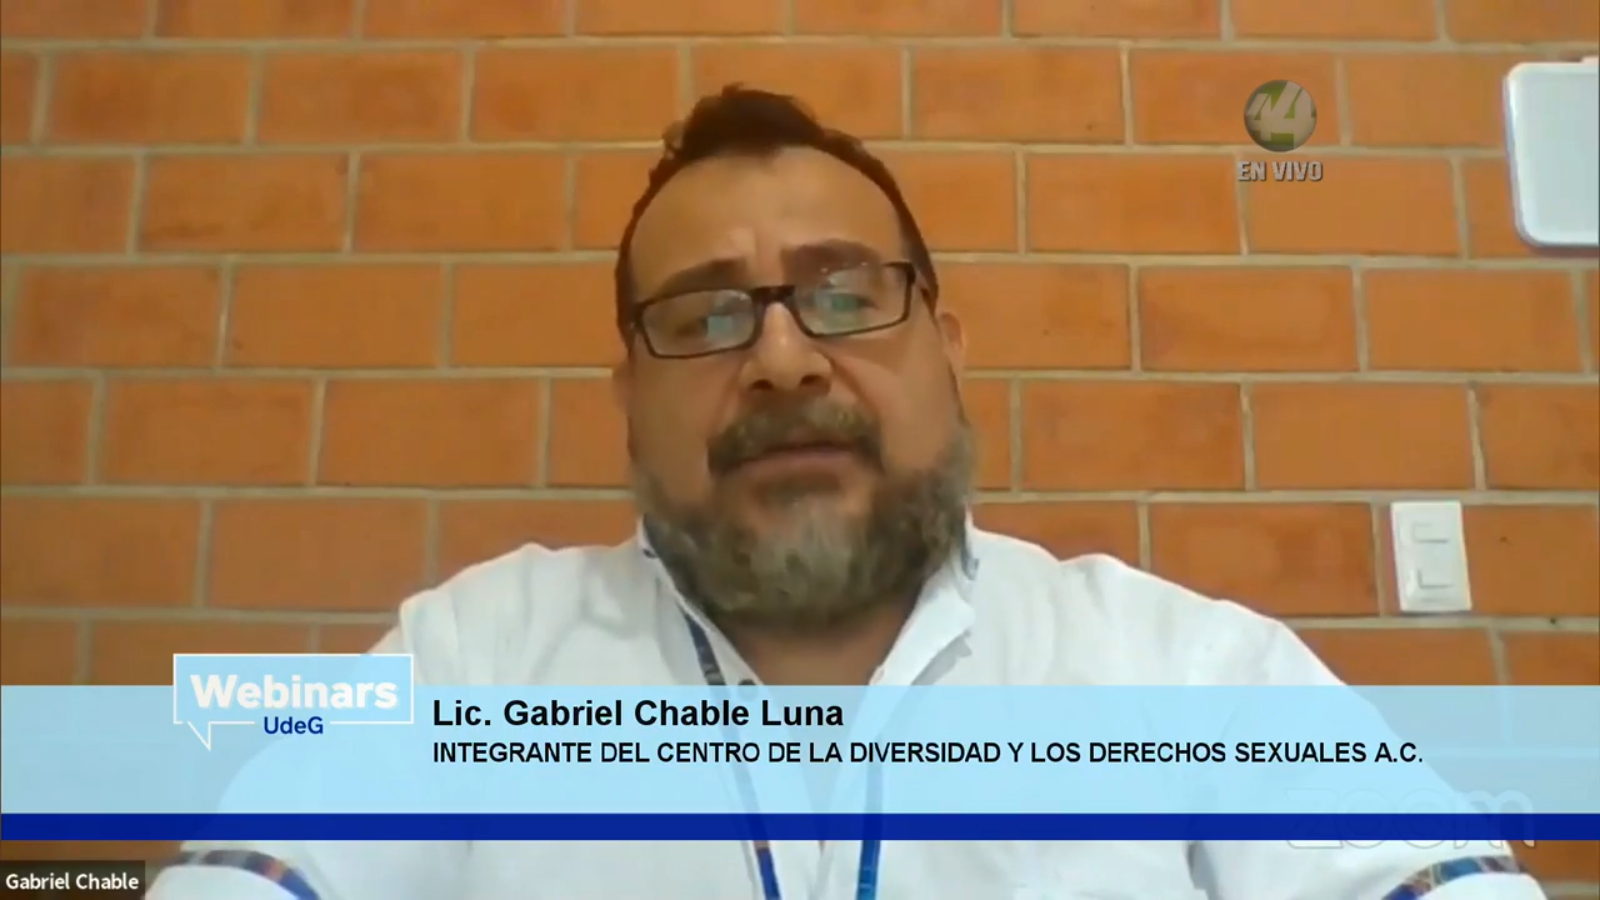 El licenciado Gabriel Chable Luna, integrante del Centro de la Diversidad y los Derechos Sexuales, AC